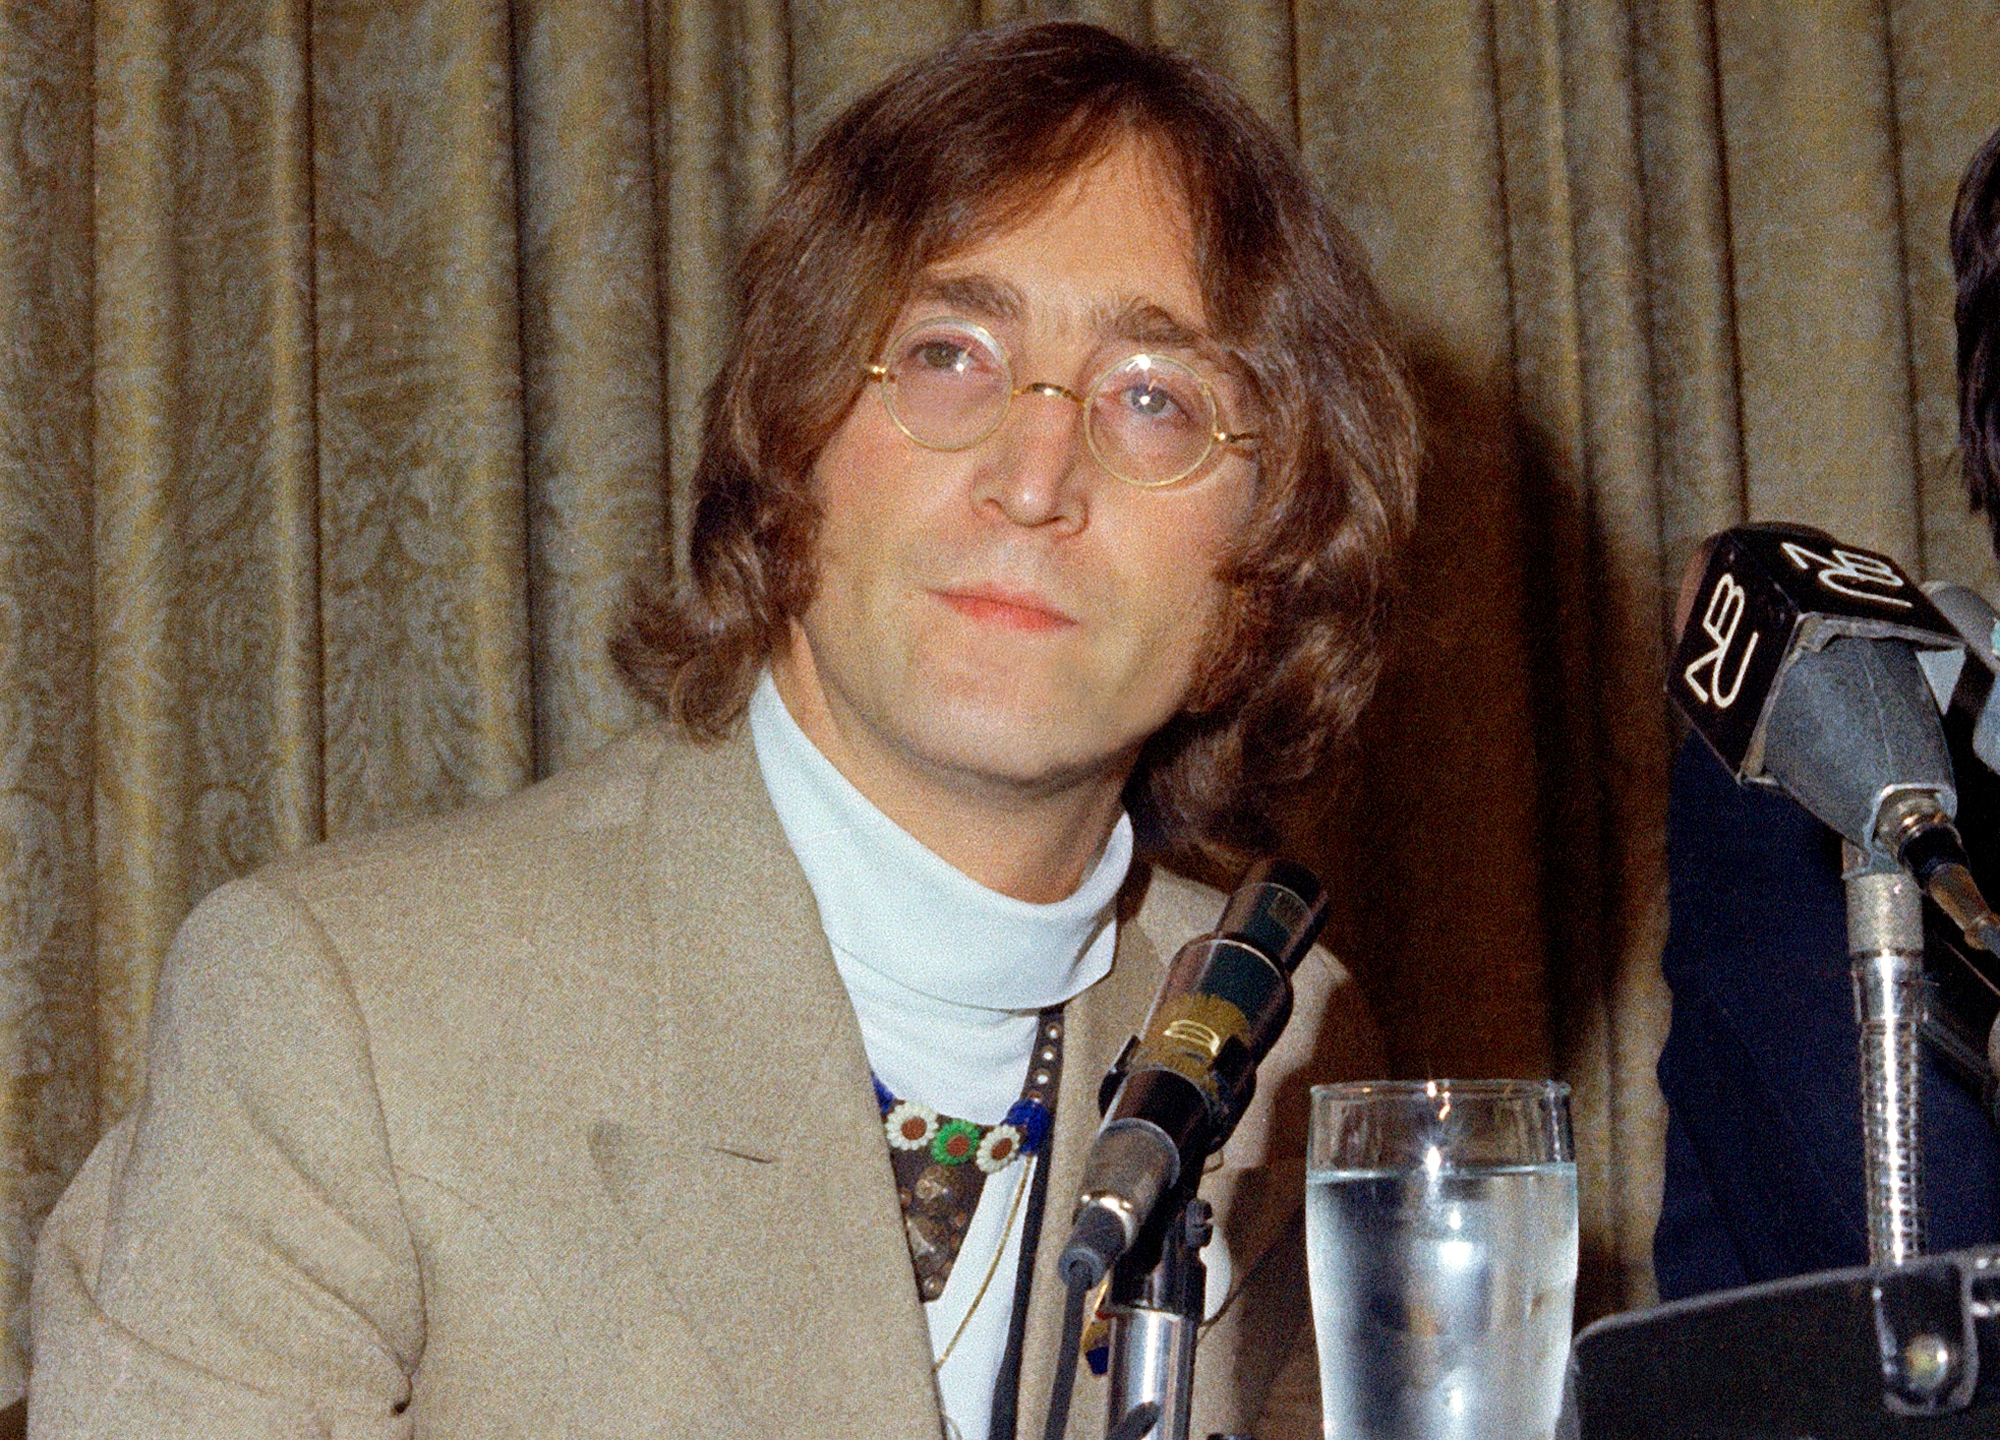 John_Lennon's_Killer_Parole_Denied_54759-159532.jpg86943906